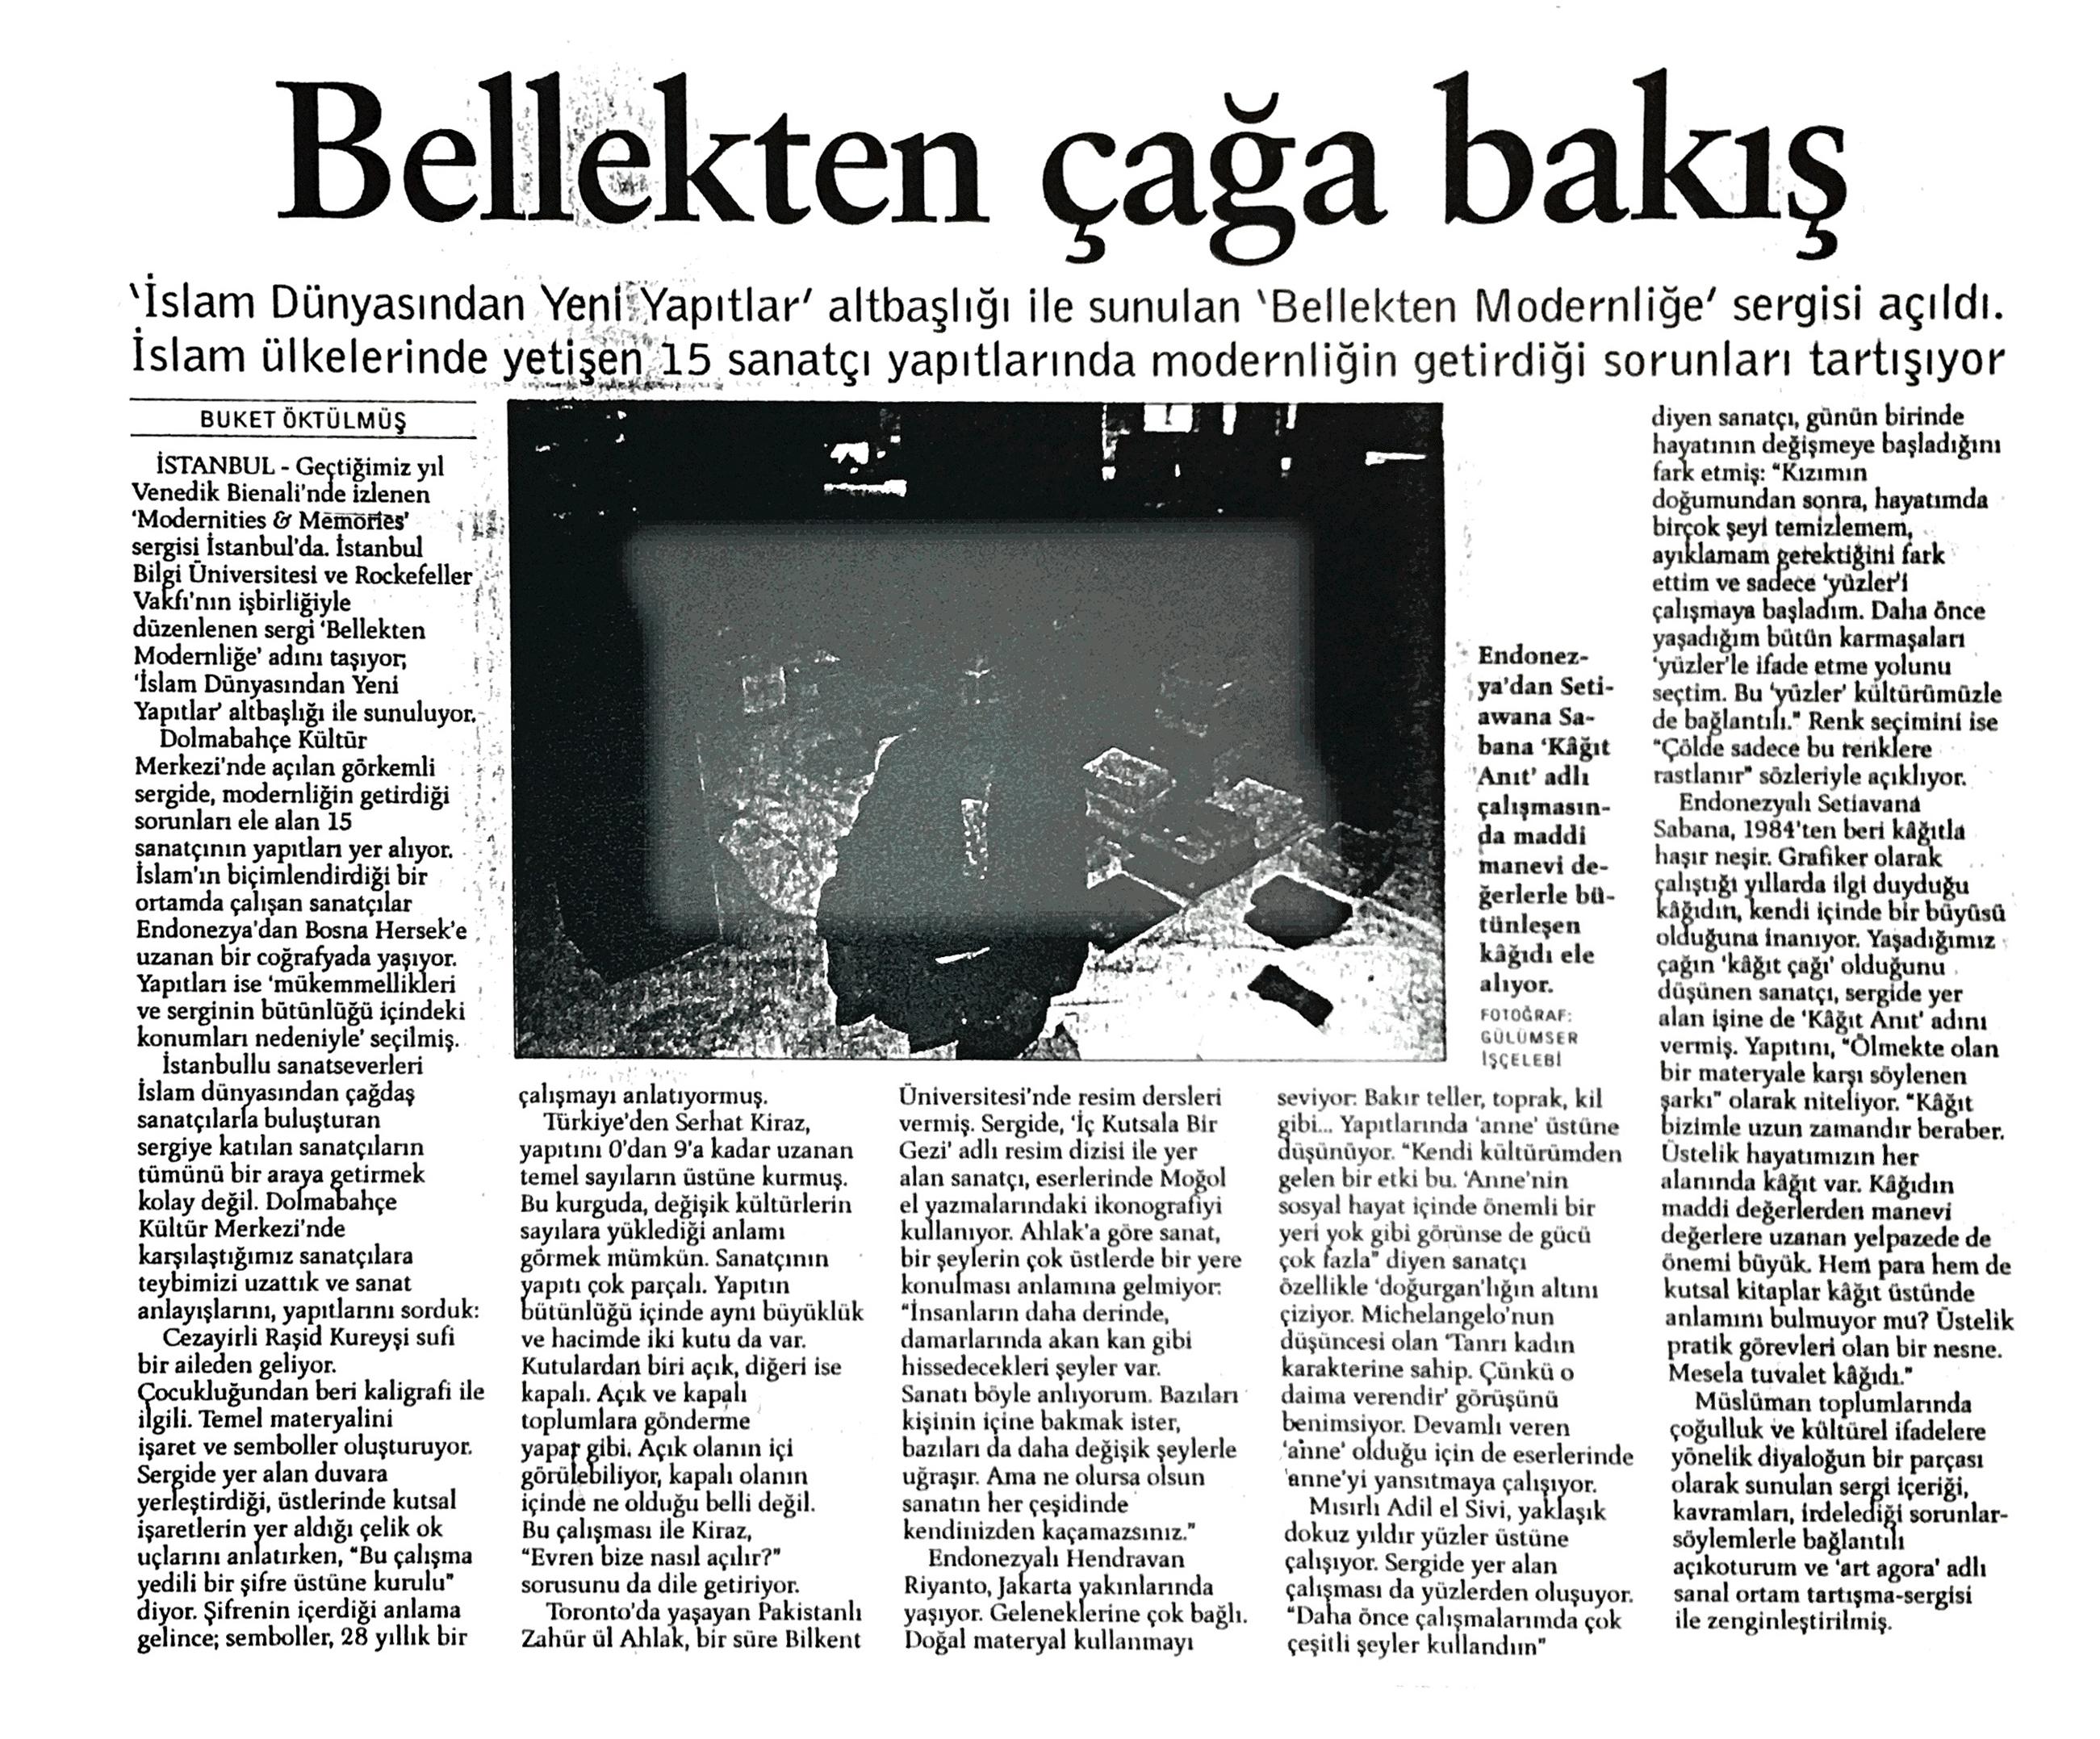 1998_Radikal_7Ekim